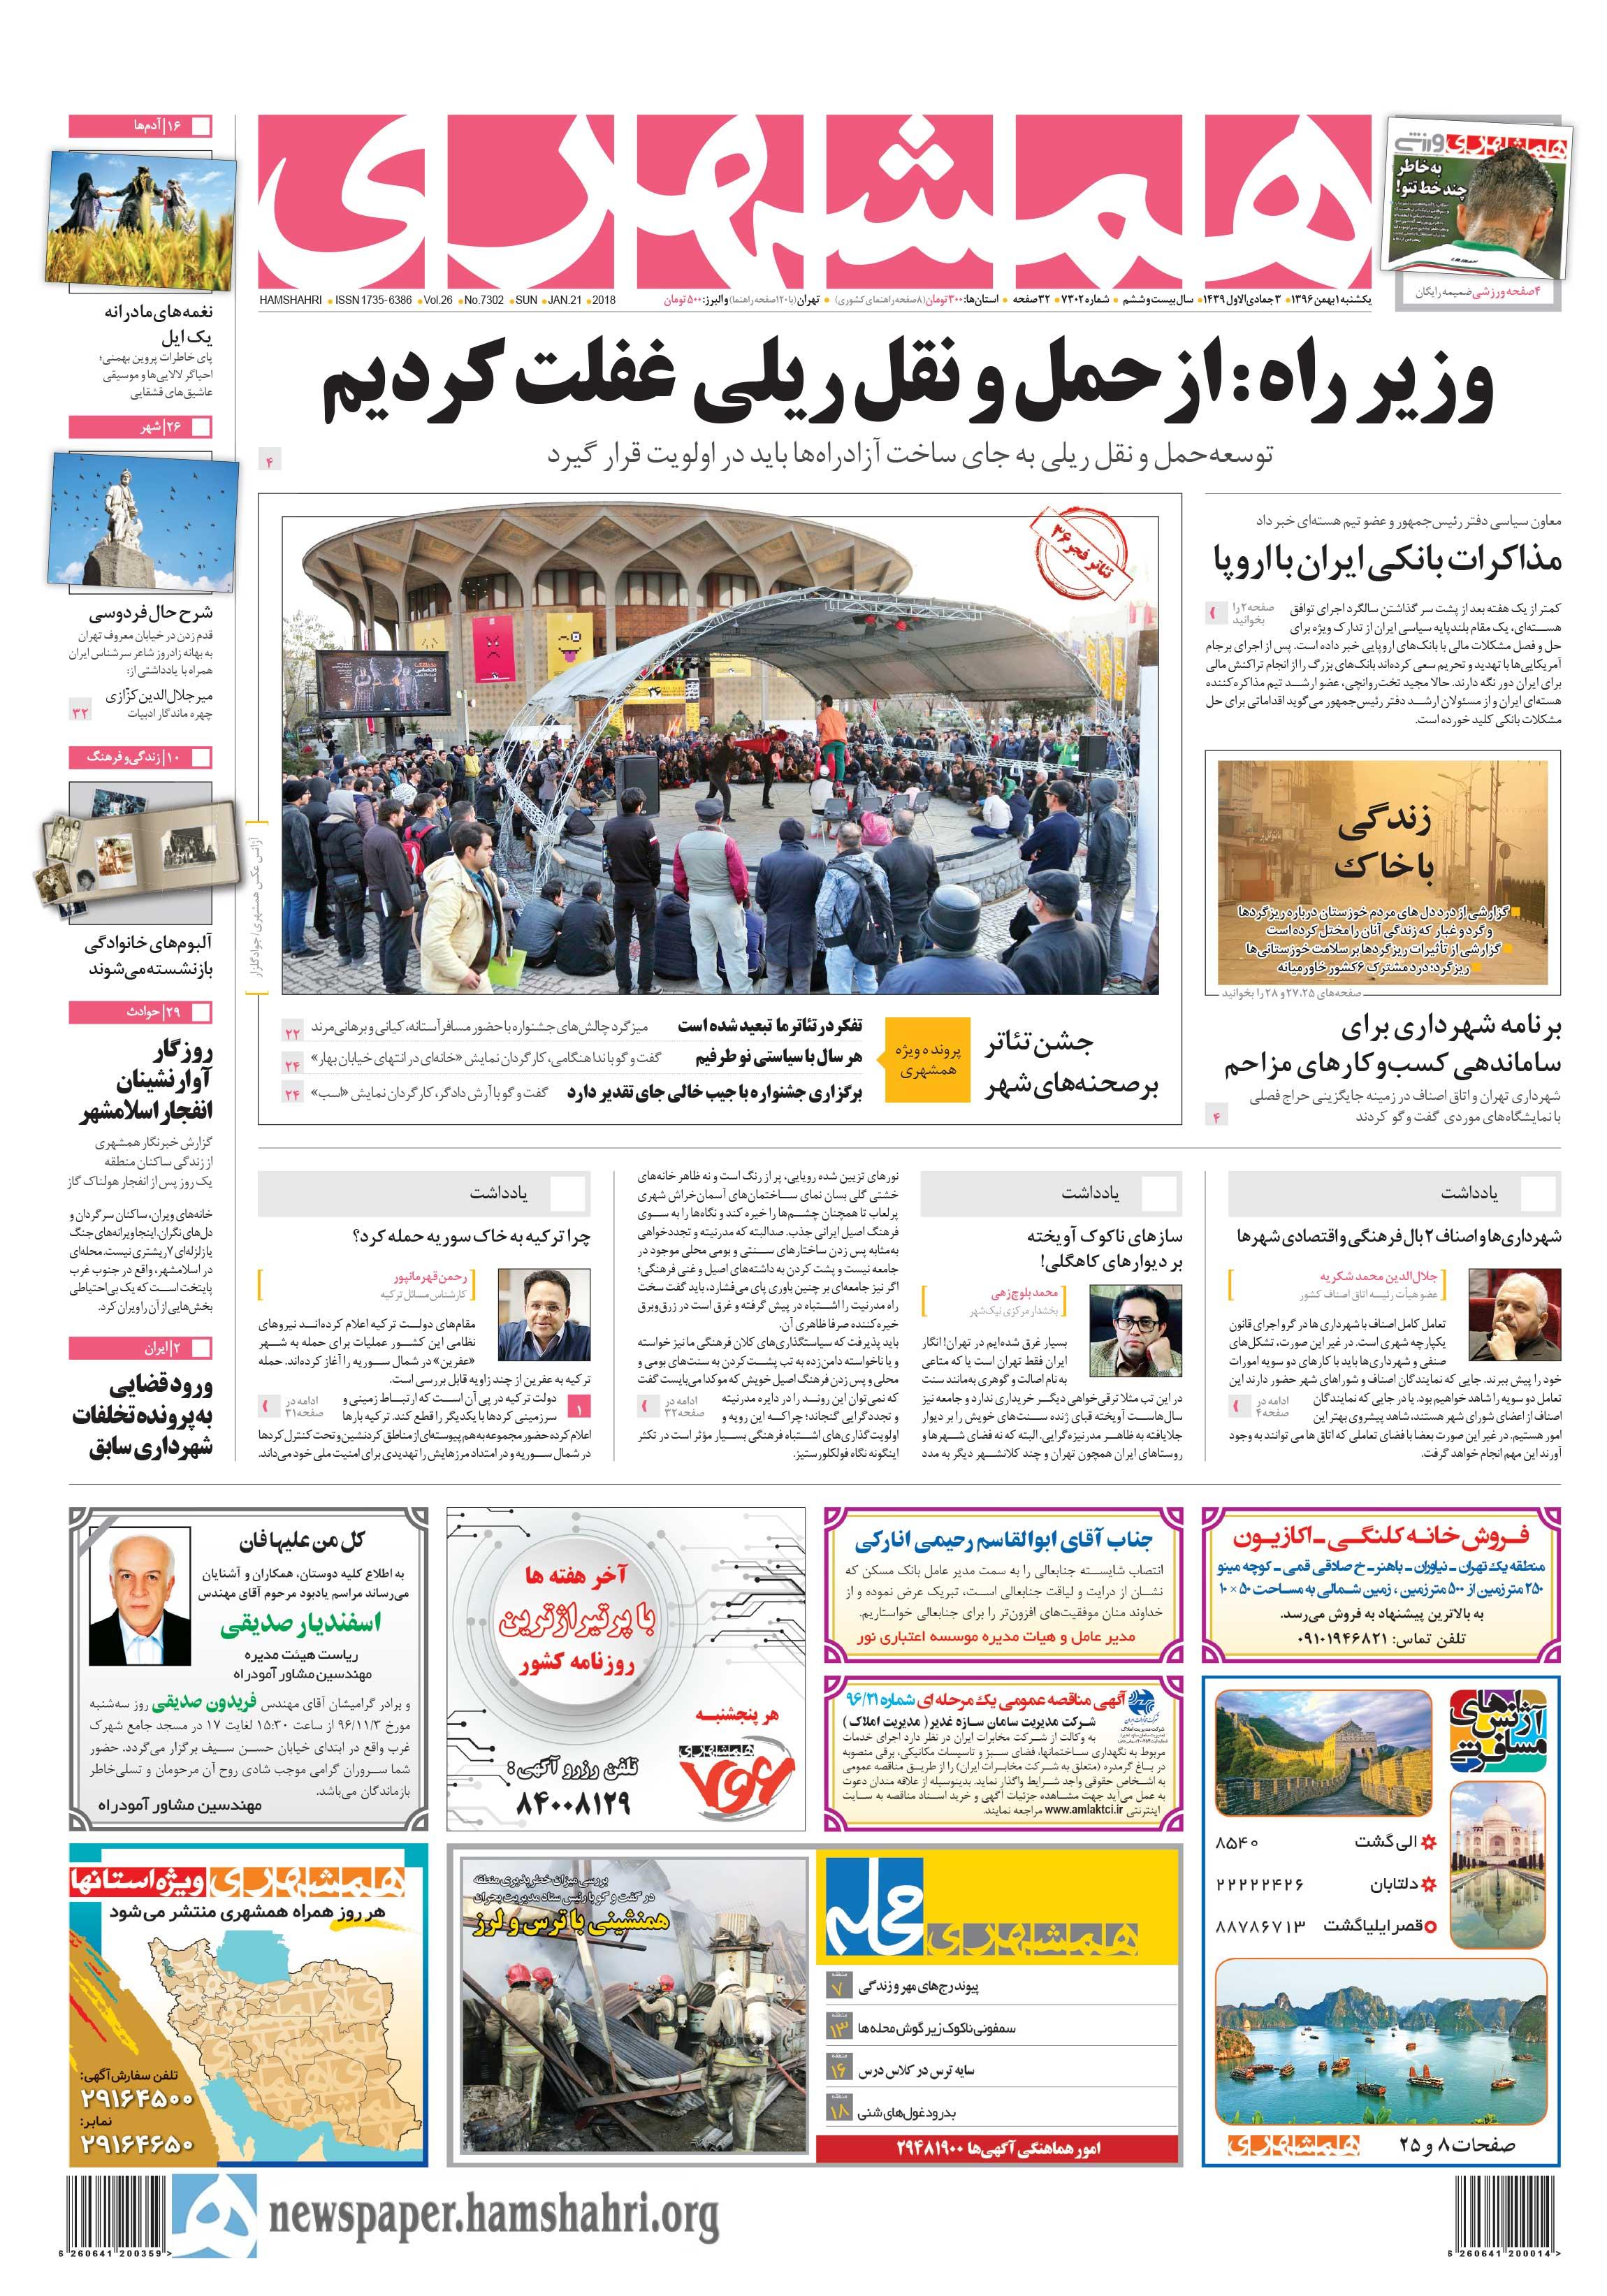 صفحه اول یکشنبه 1 بهمنماه 1396